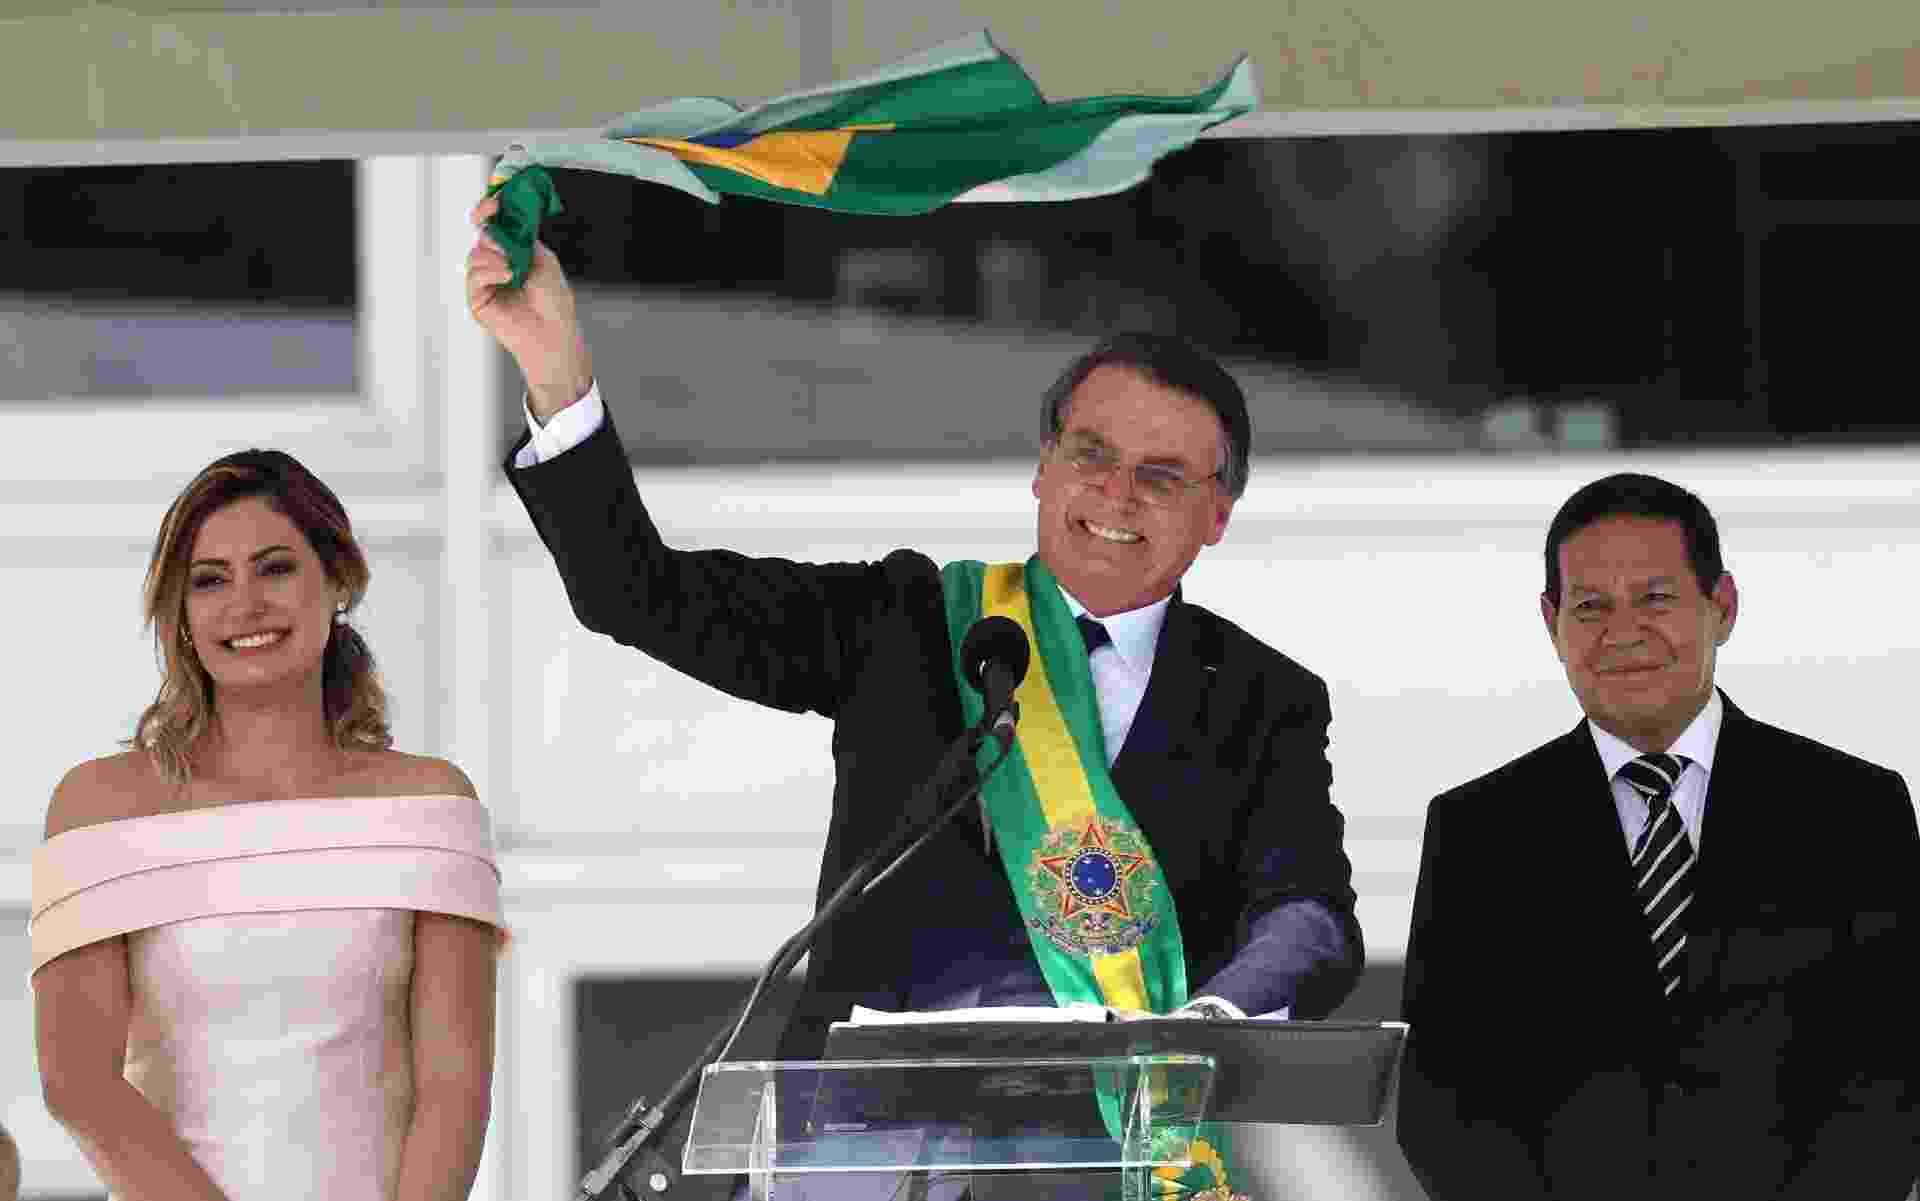 Jair Bolsonaro exibe a bandeira do Brasil após fazer o seu discurso no parlatório do Palácio do Planalto - Wilton Junior/Estadão COnteúdo